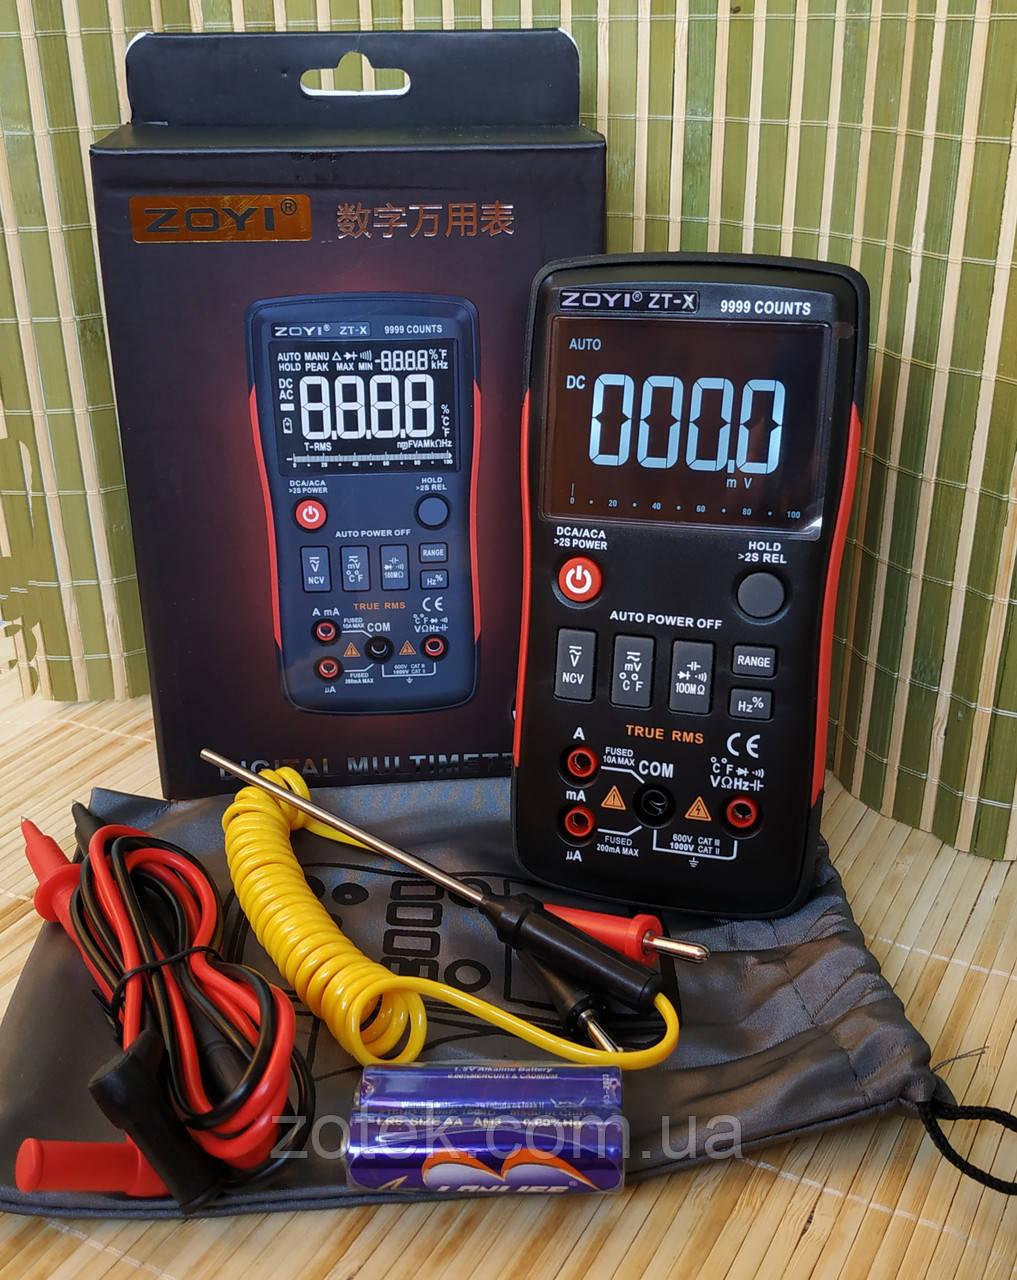 Захищений мультиметр ZOYI ZT-X RM409b 9999 відліків ZOTEK ( Richmeters RM409b , ANENG Q1 ) тестер вольтметр